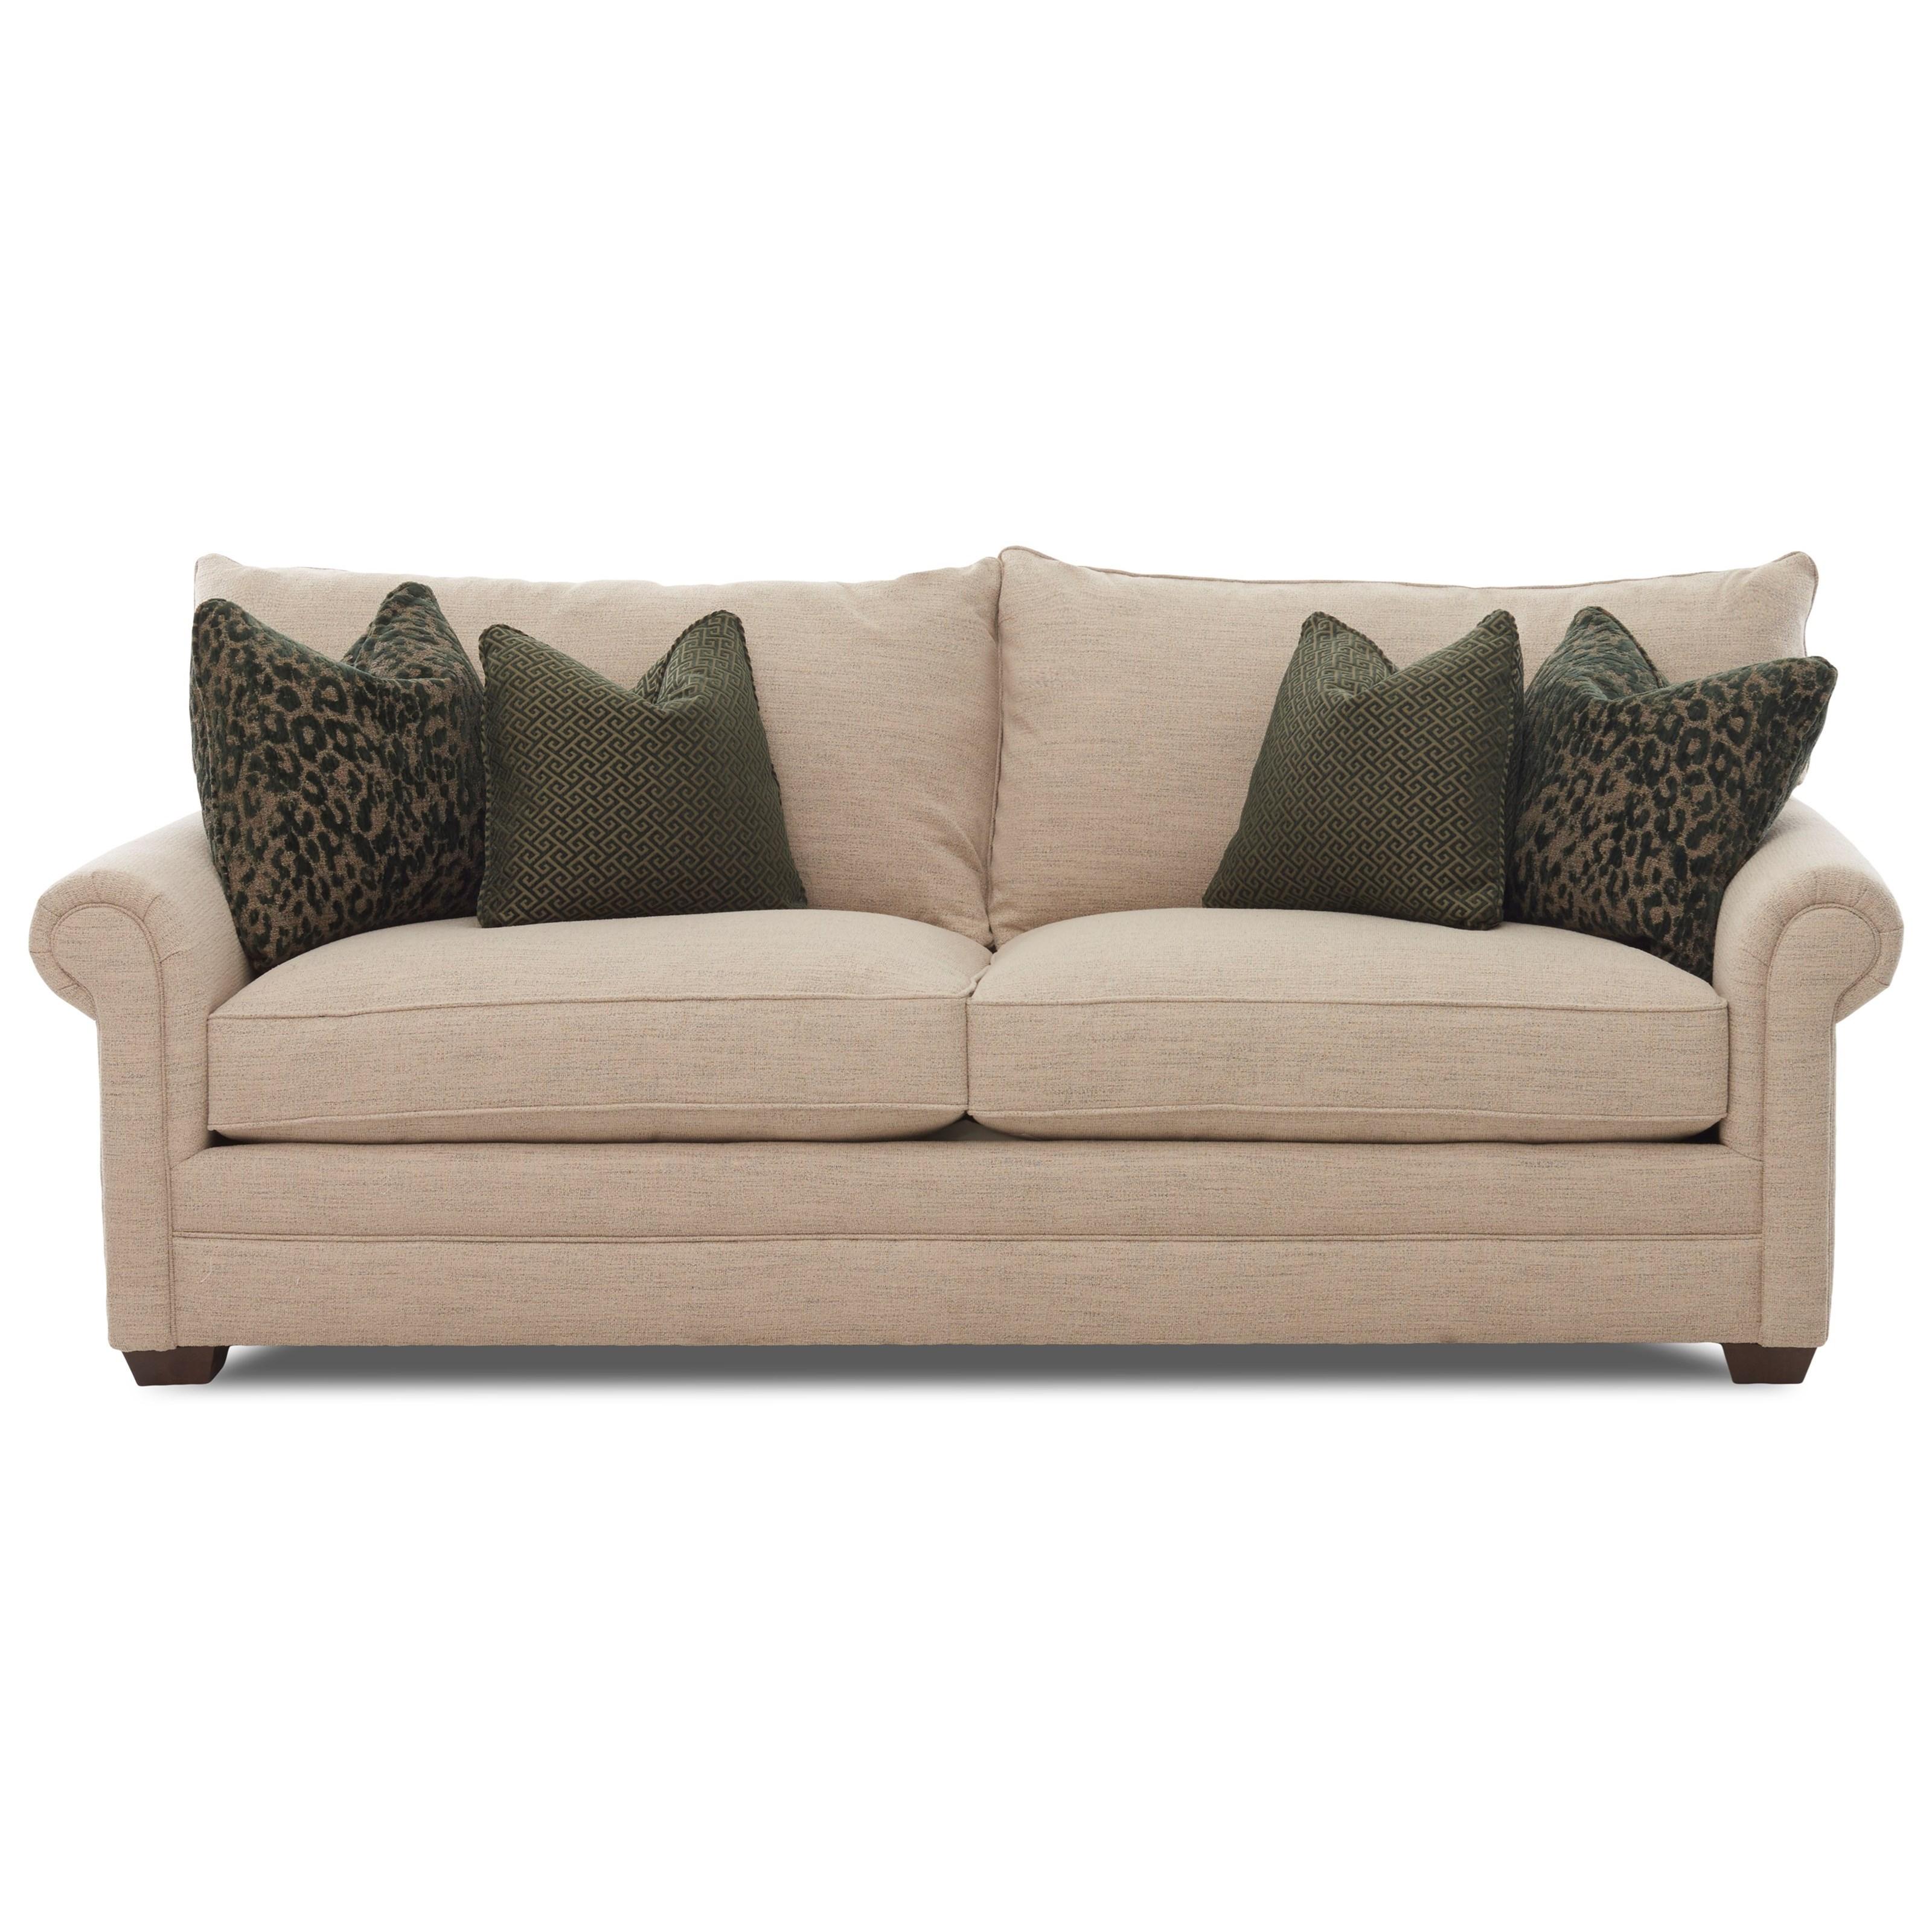 Huntley Sofa